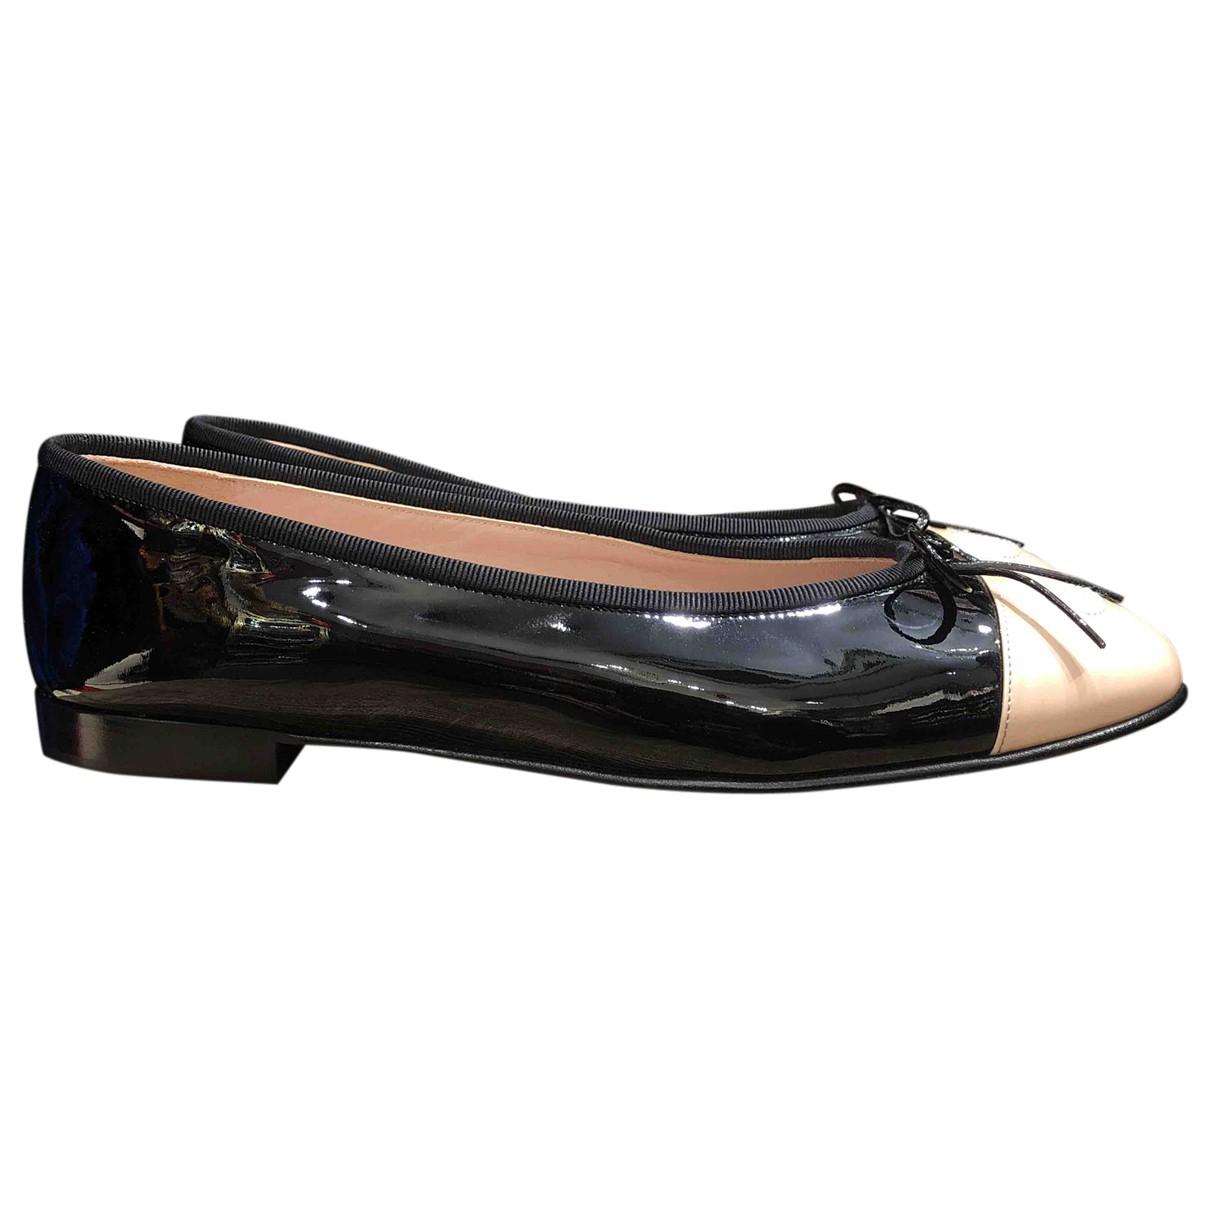 Chanel - Ballerines   pour femme en cuir verni - noir